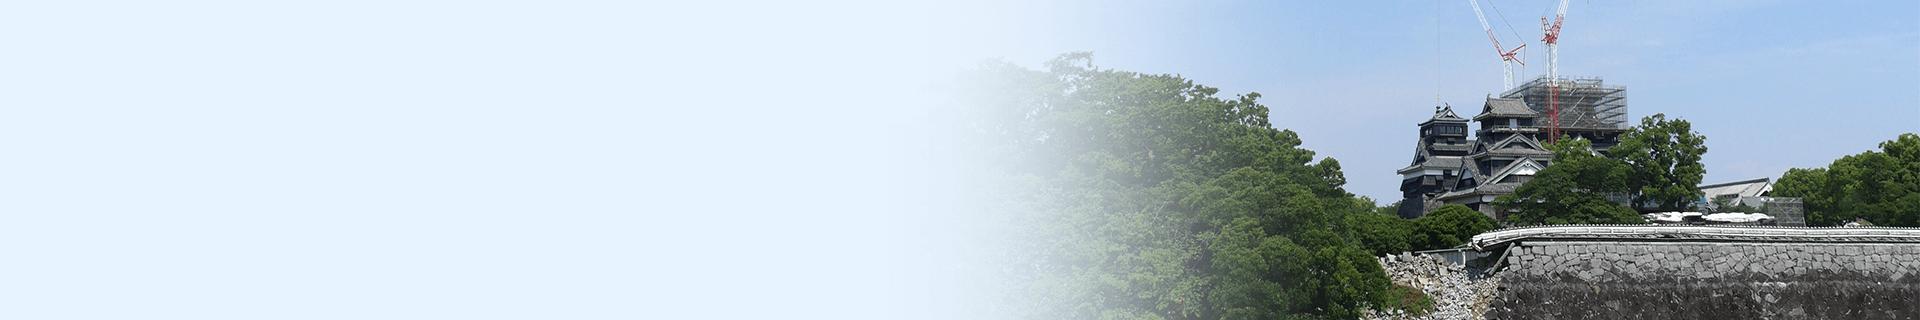 """熊本地震から1年半〜改めて考える""""中間支援のあり方""""(KVOAD編)"""